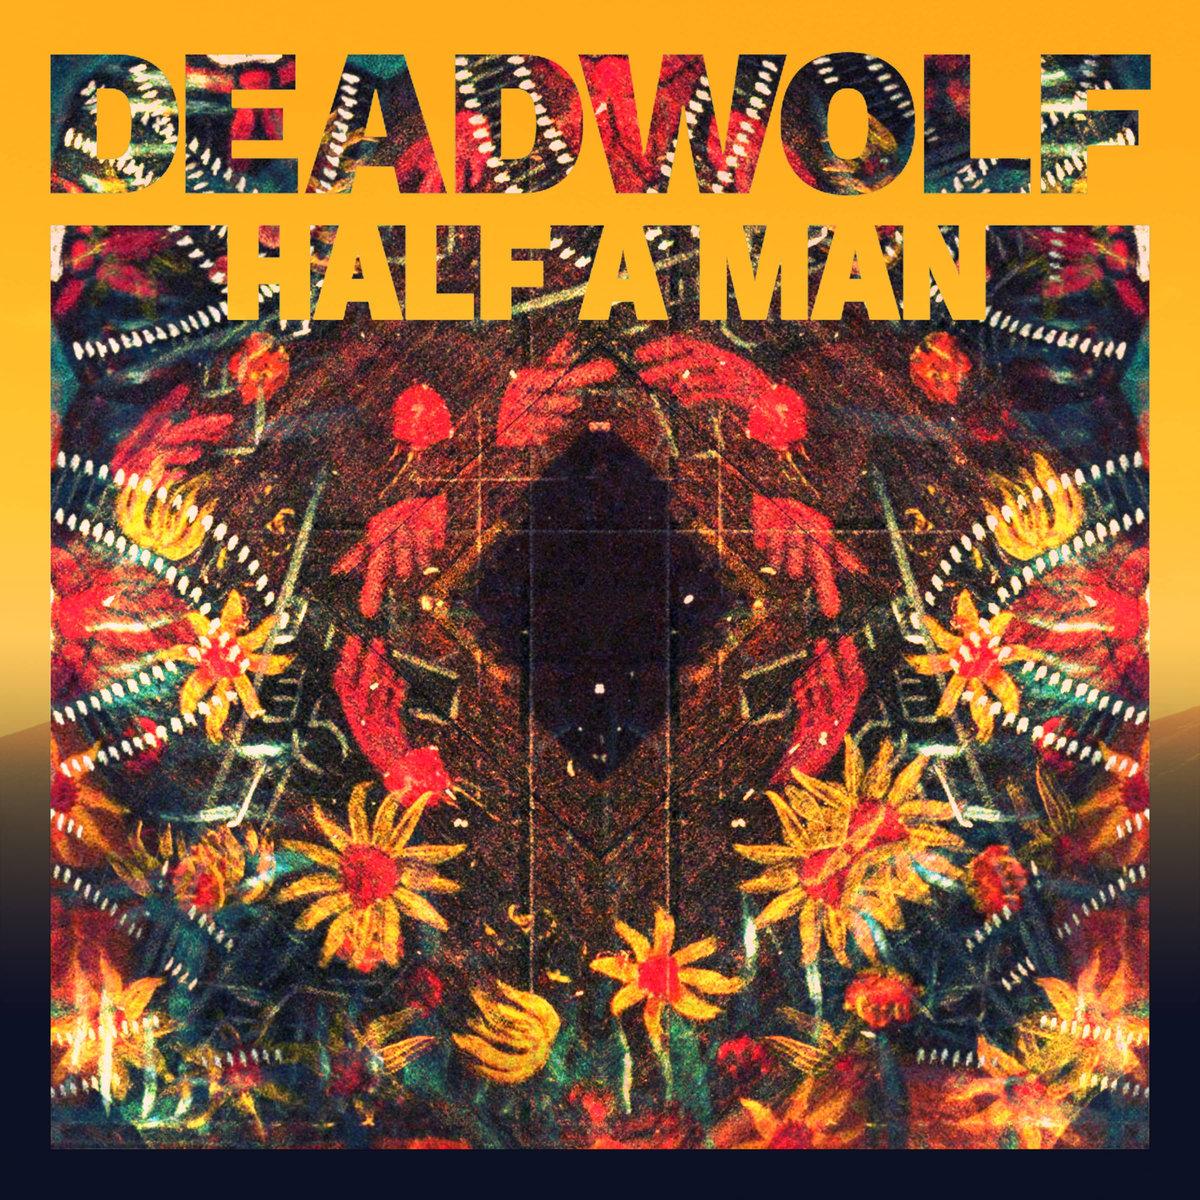 deadwolf